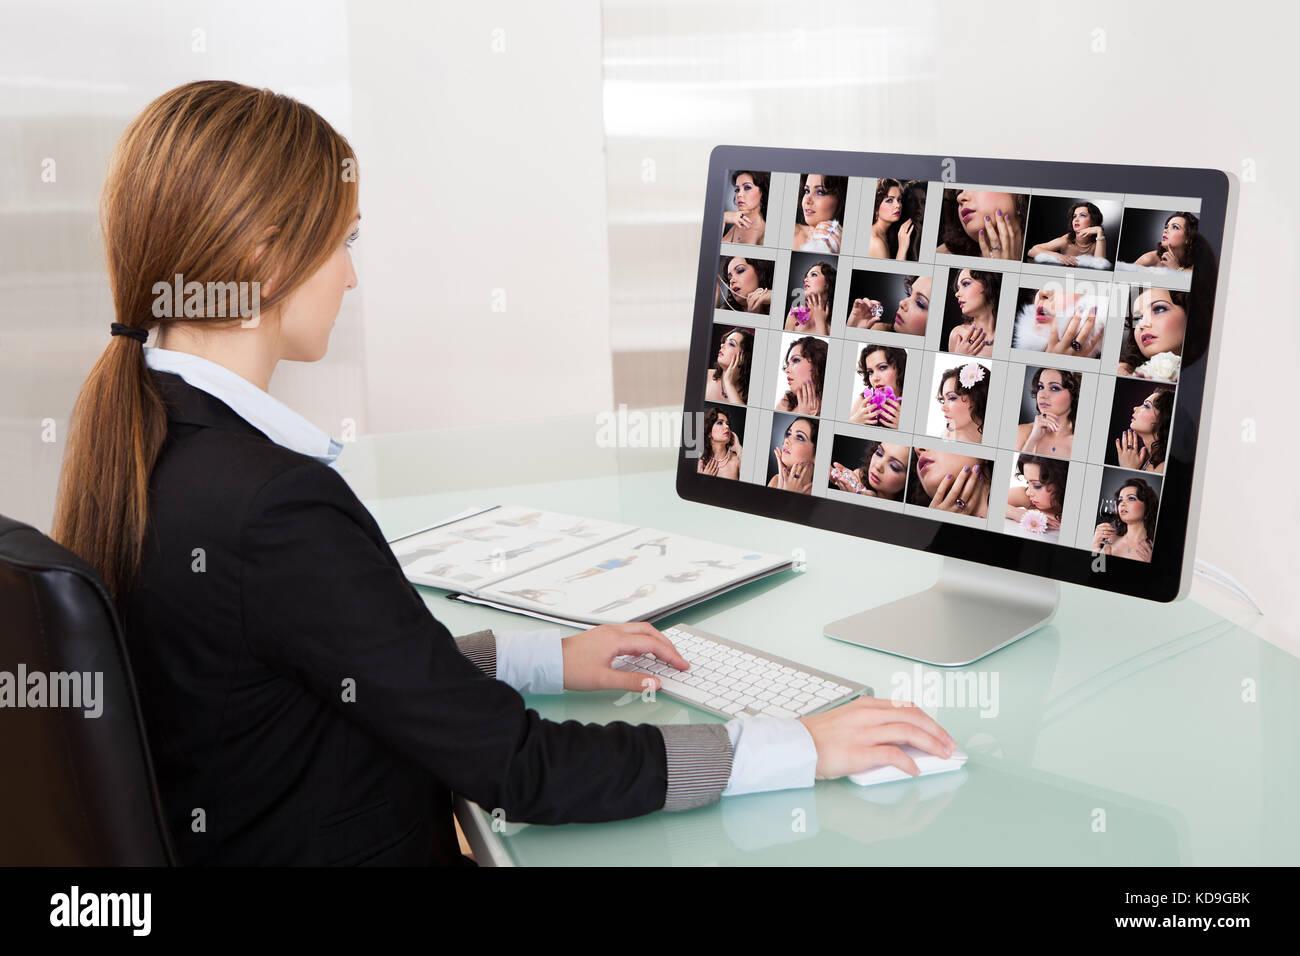 Mujer trabajando en el diseñador de ordenador en la oficina. Foto de stock